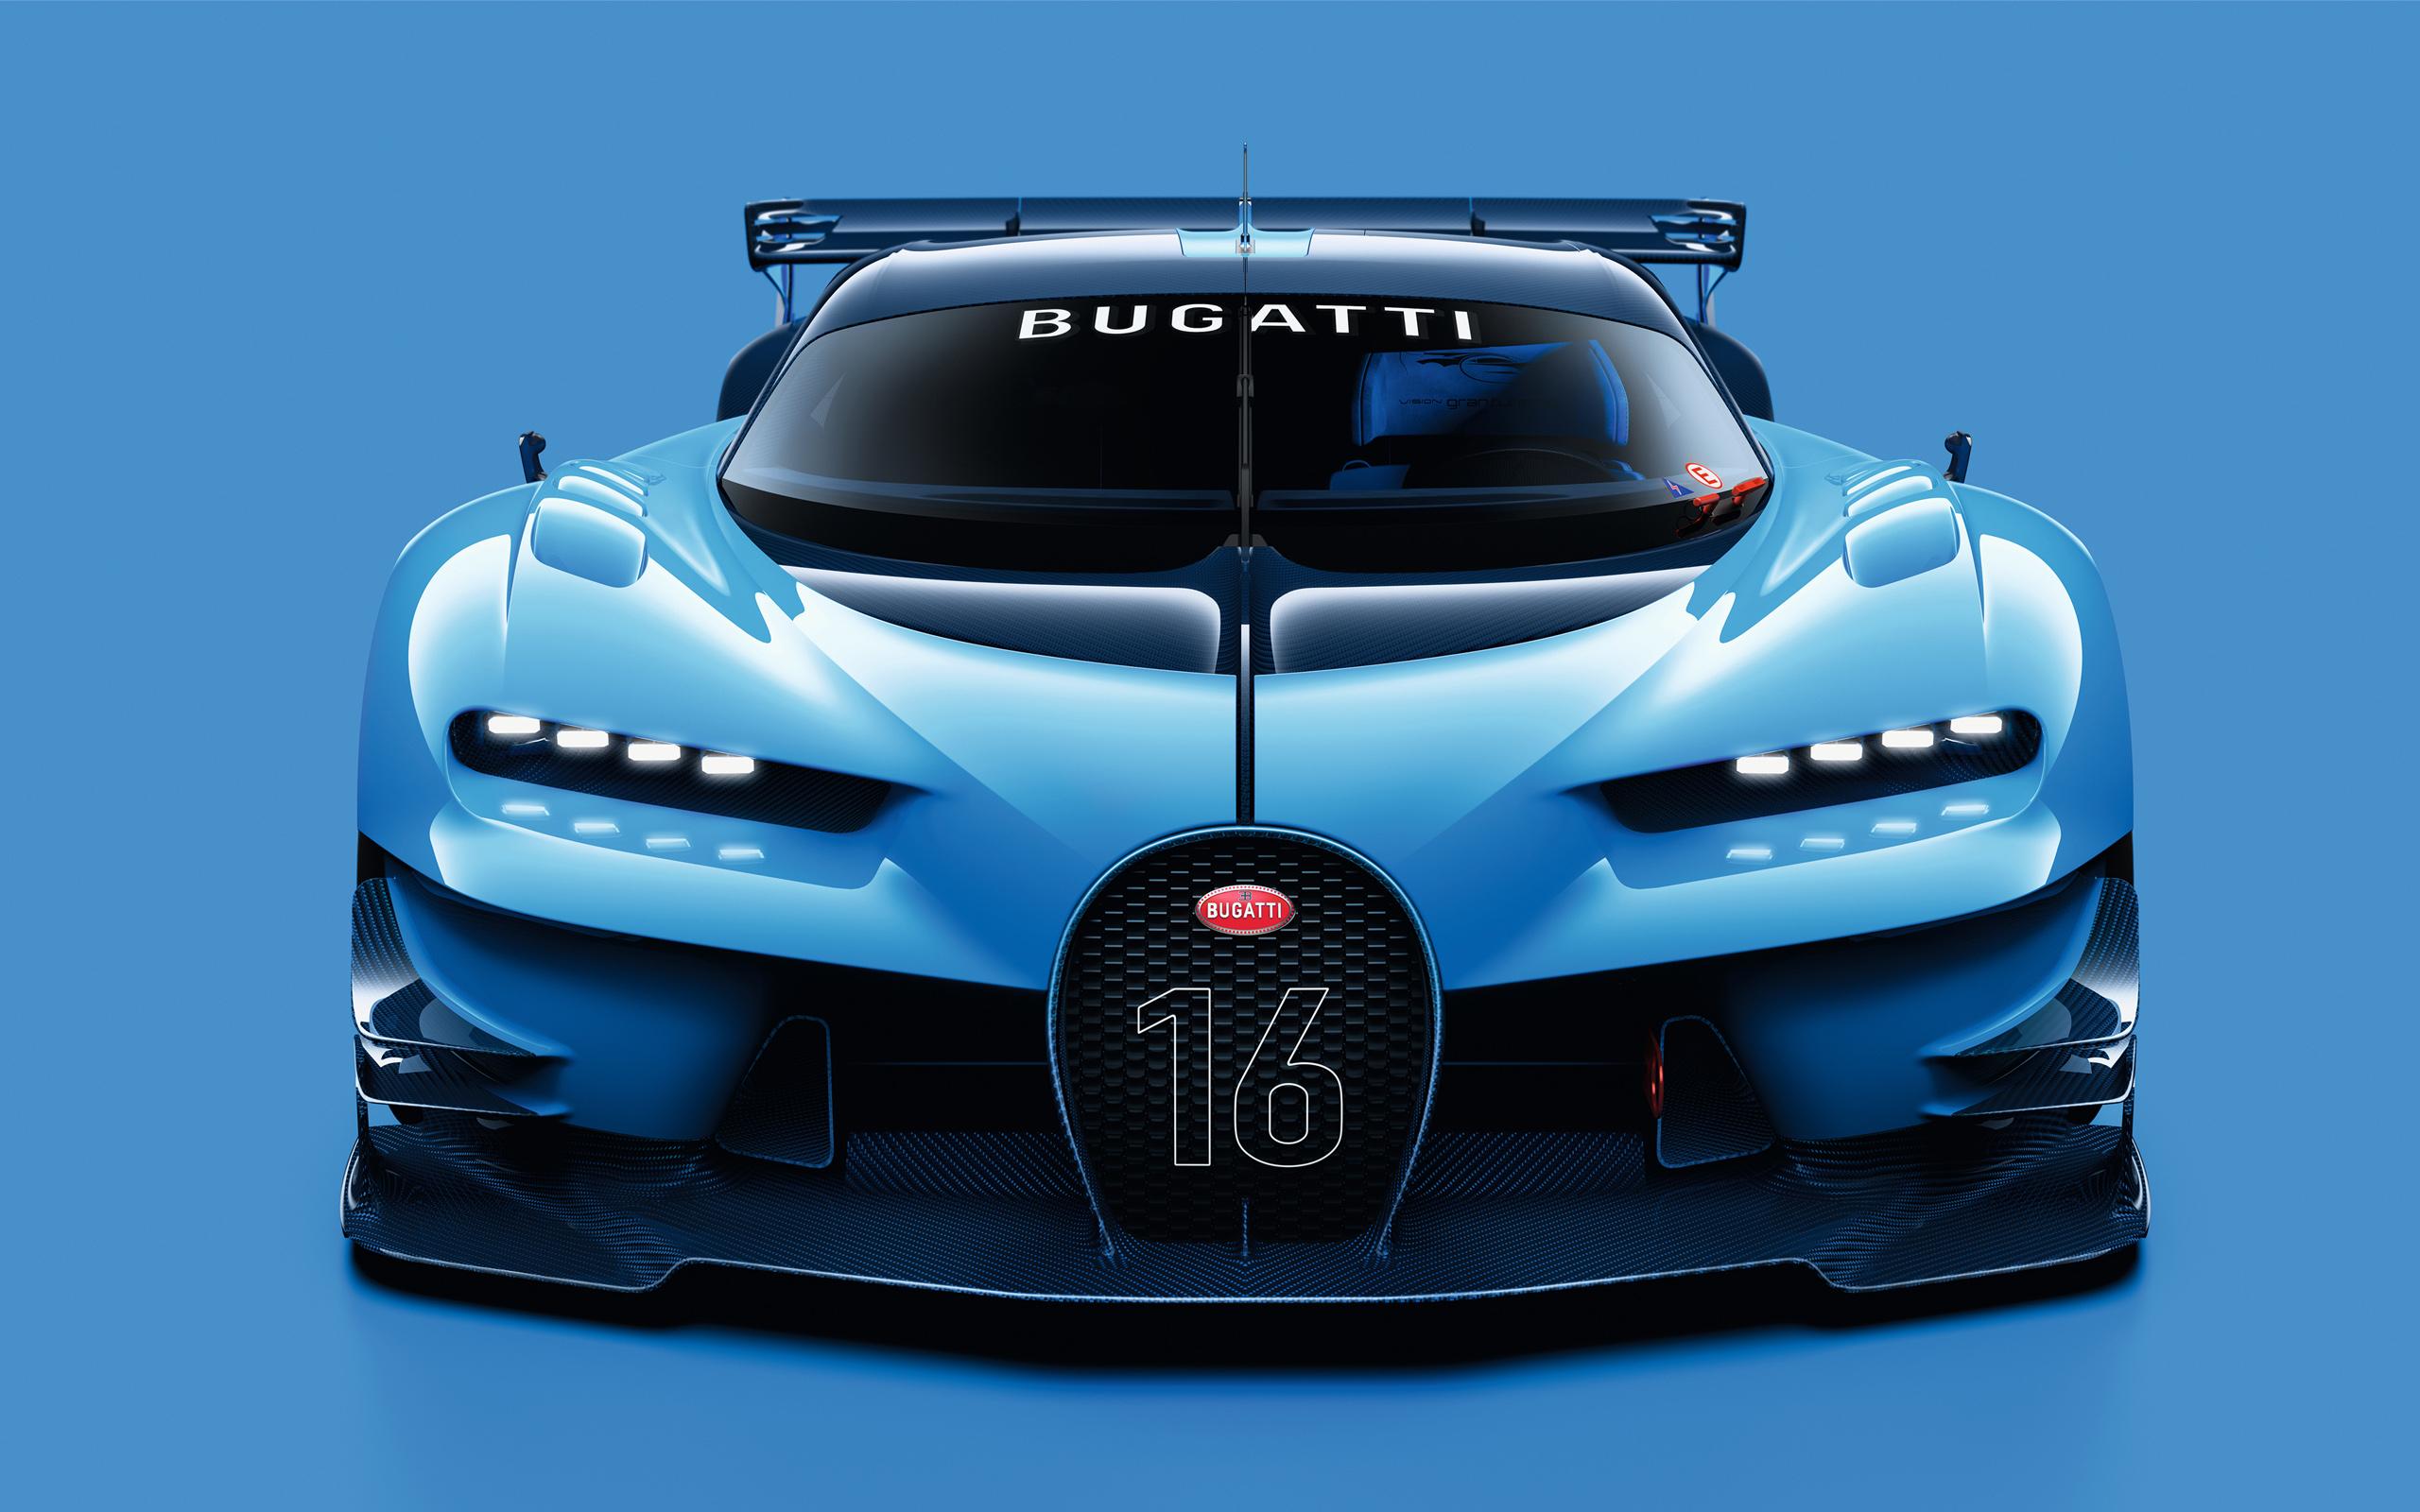 Bugatti vision gt wallpaper